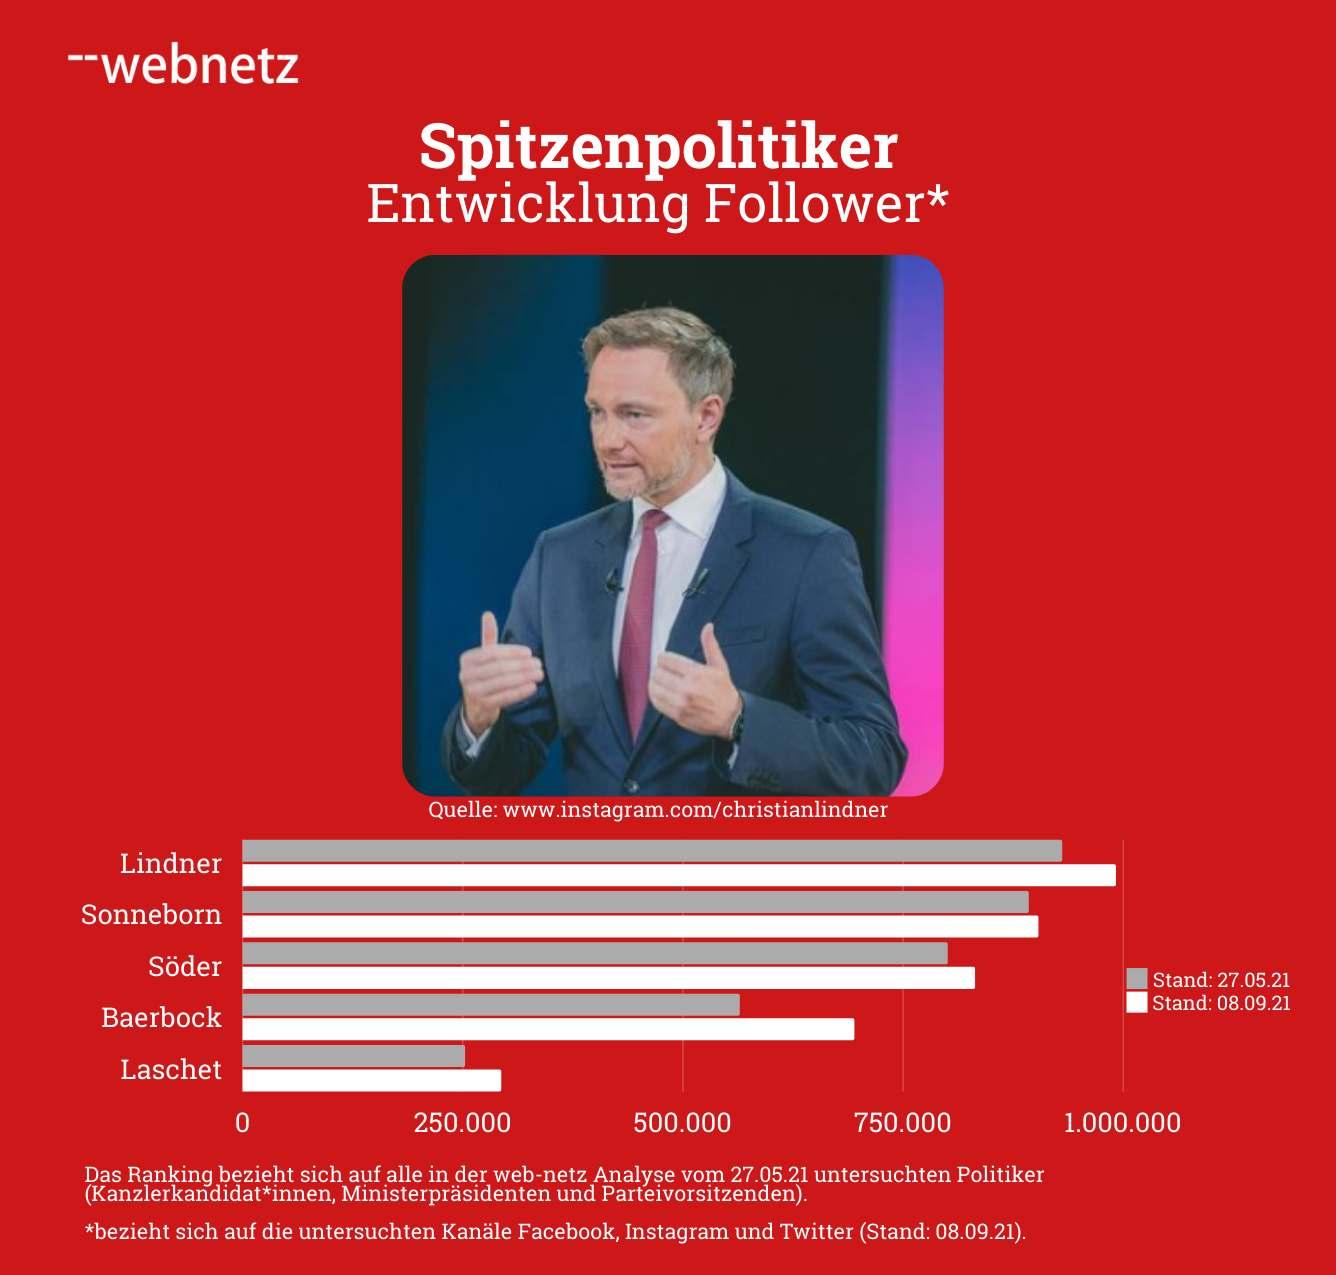 Entwicklung der Follower von Spitzenpolitikern